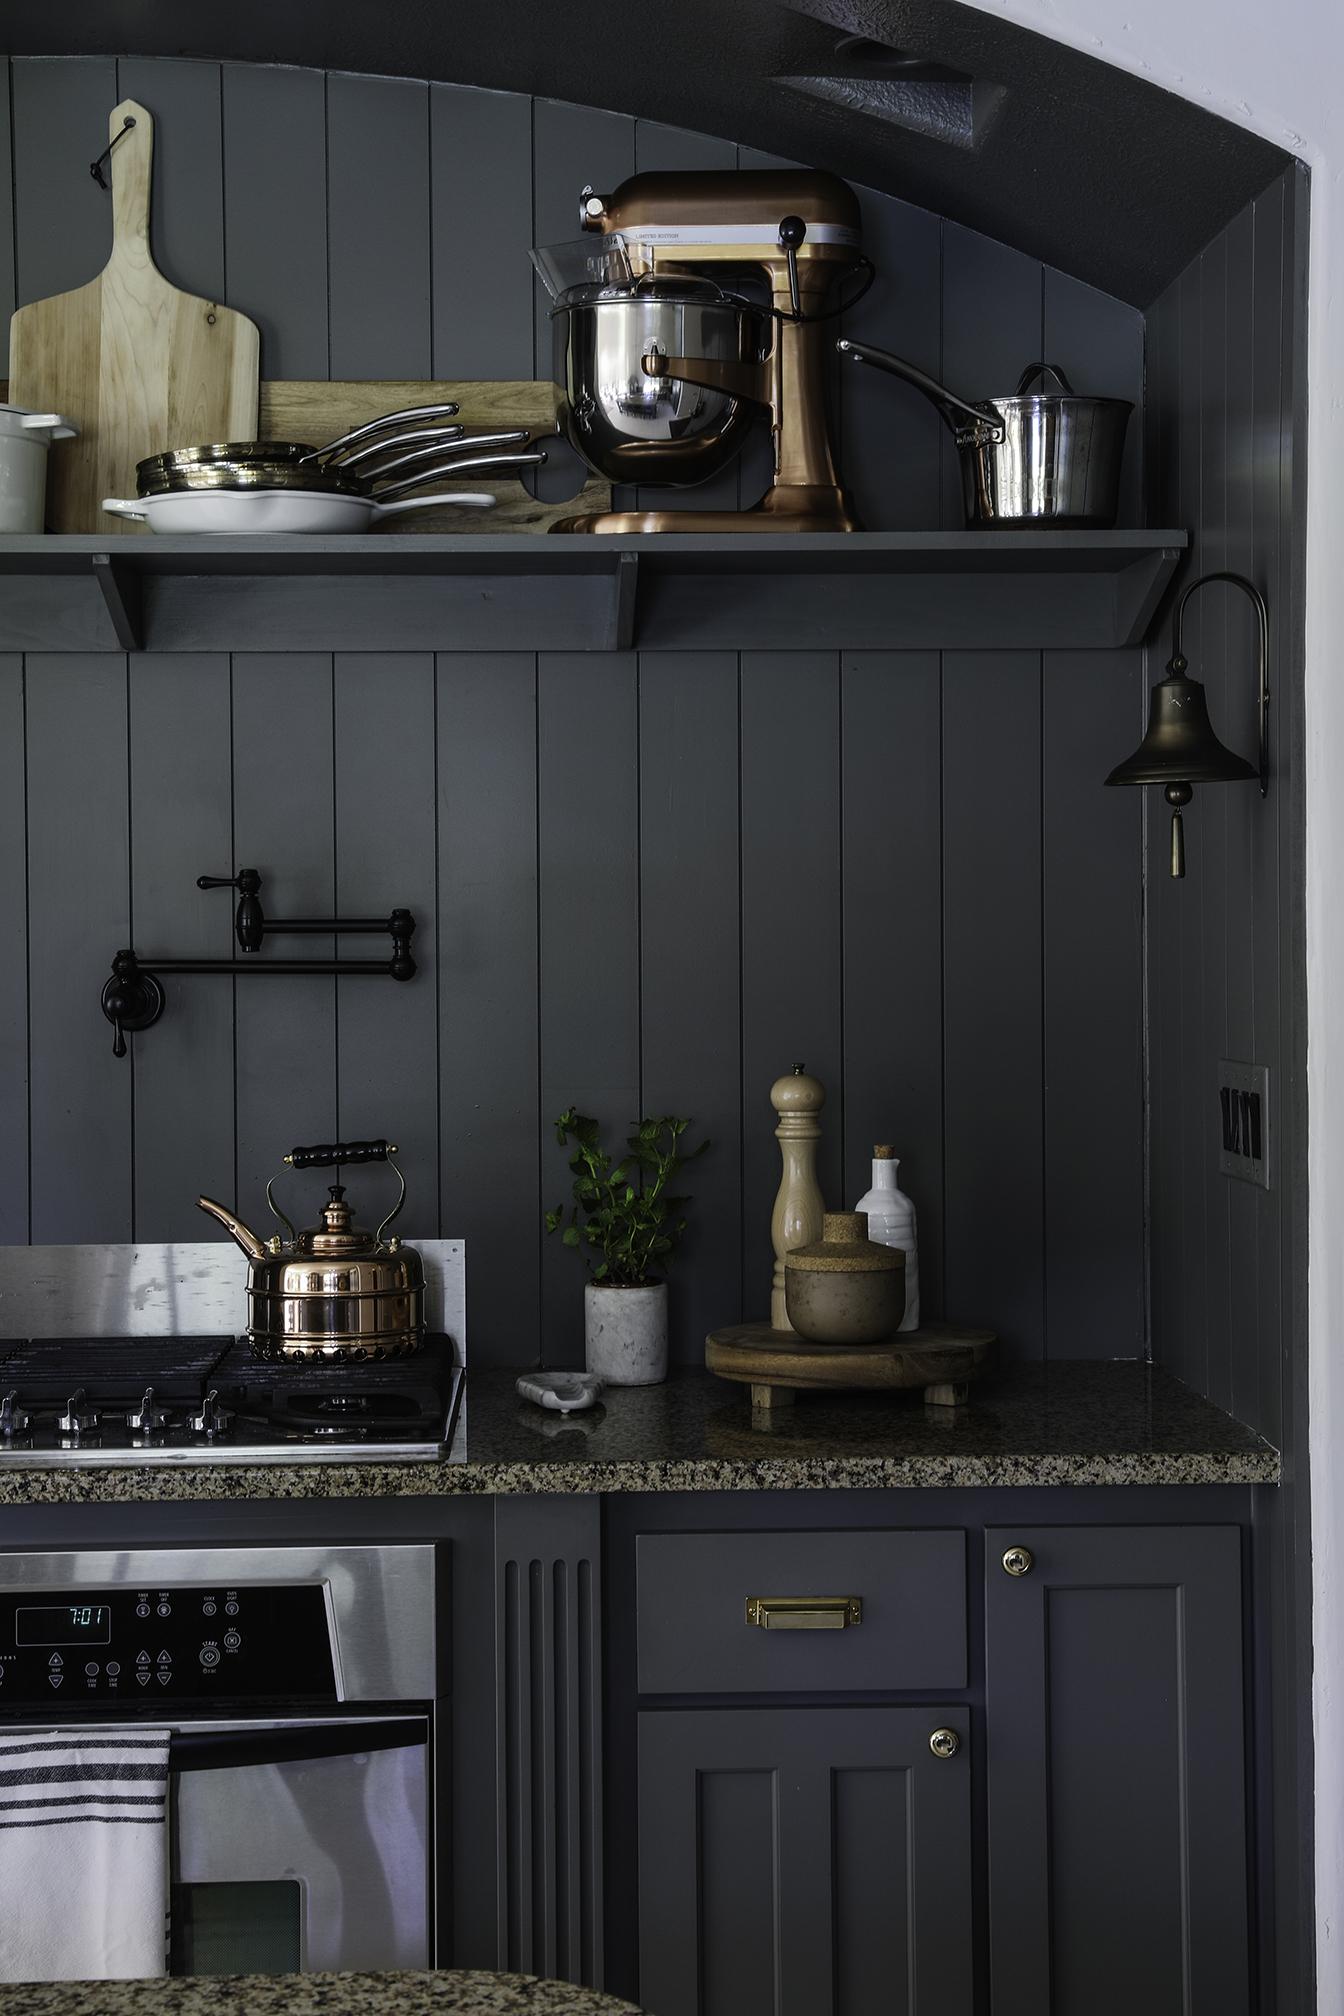 Budget Friendly modern cottage kitchen6.jpg